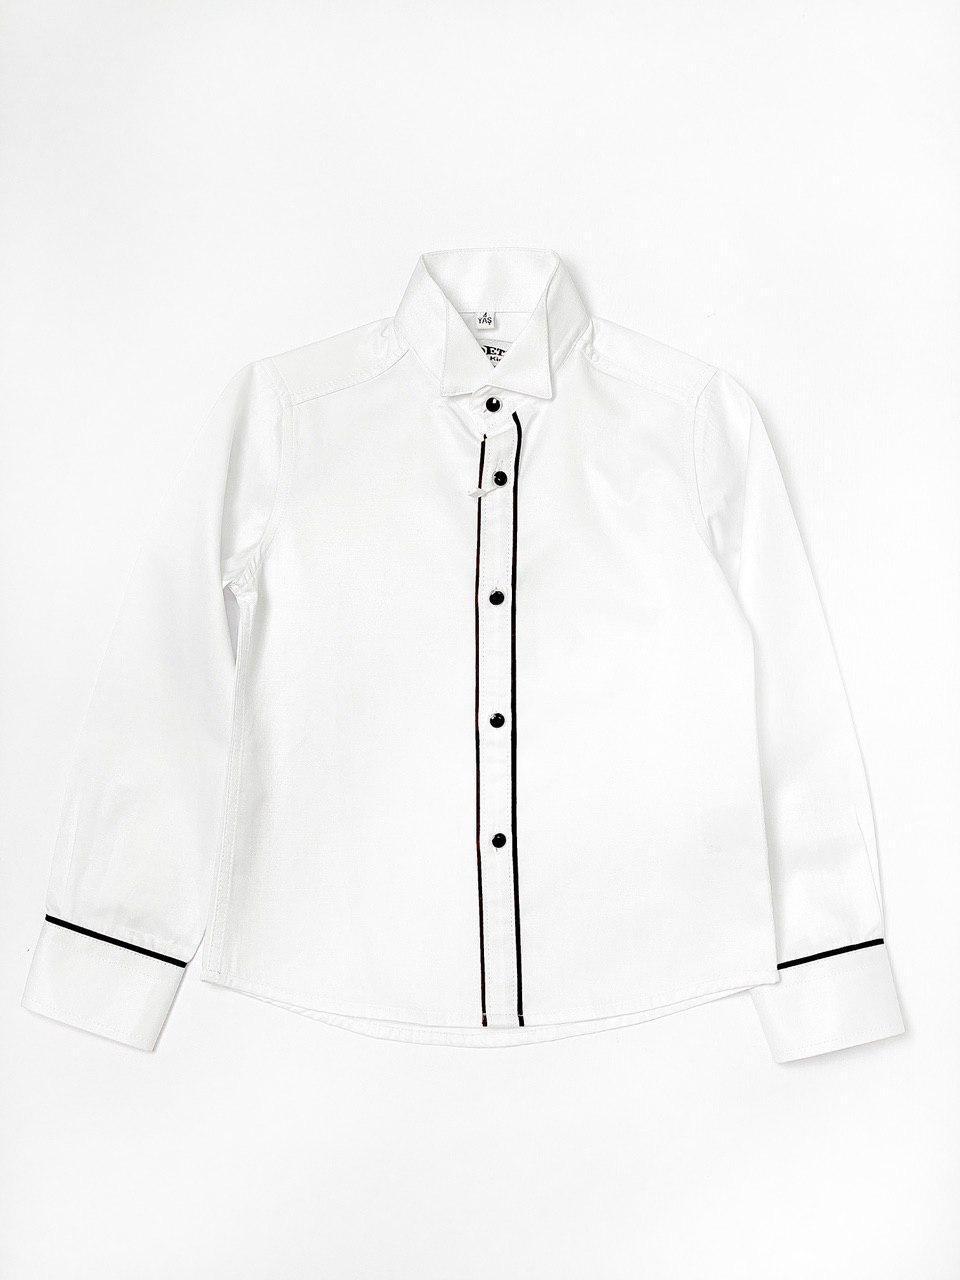 Рубашка для мальчика, размеры 3, 4, 7, 8 л.